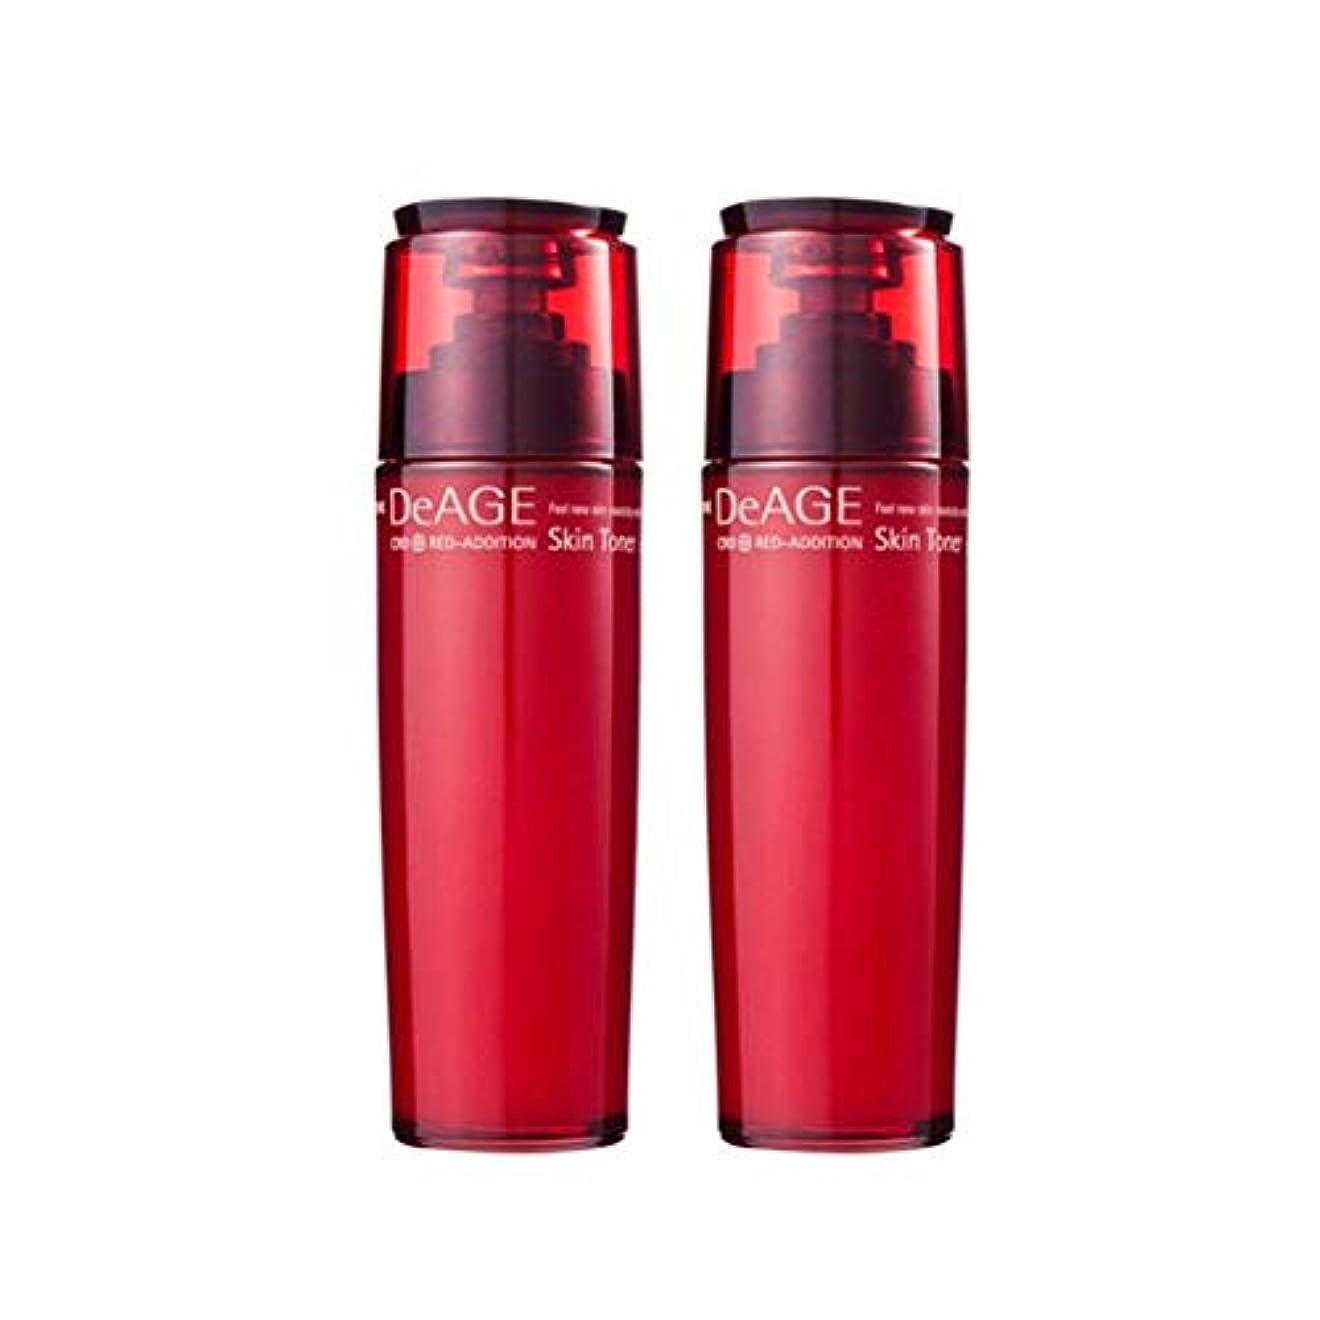 有力者便利衛星チャムジョンディエイジレッドエディションスキントナー130ml x 2、Charmzone DeAGE Red-Addition Skin Toner 130ml x 2 [並行輸入品]